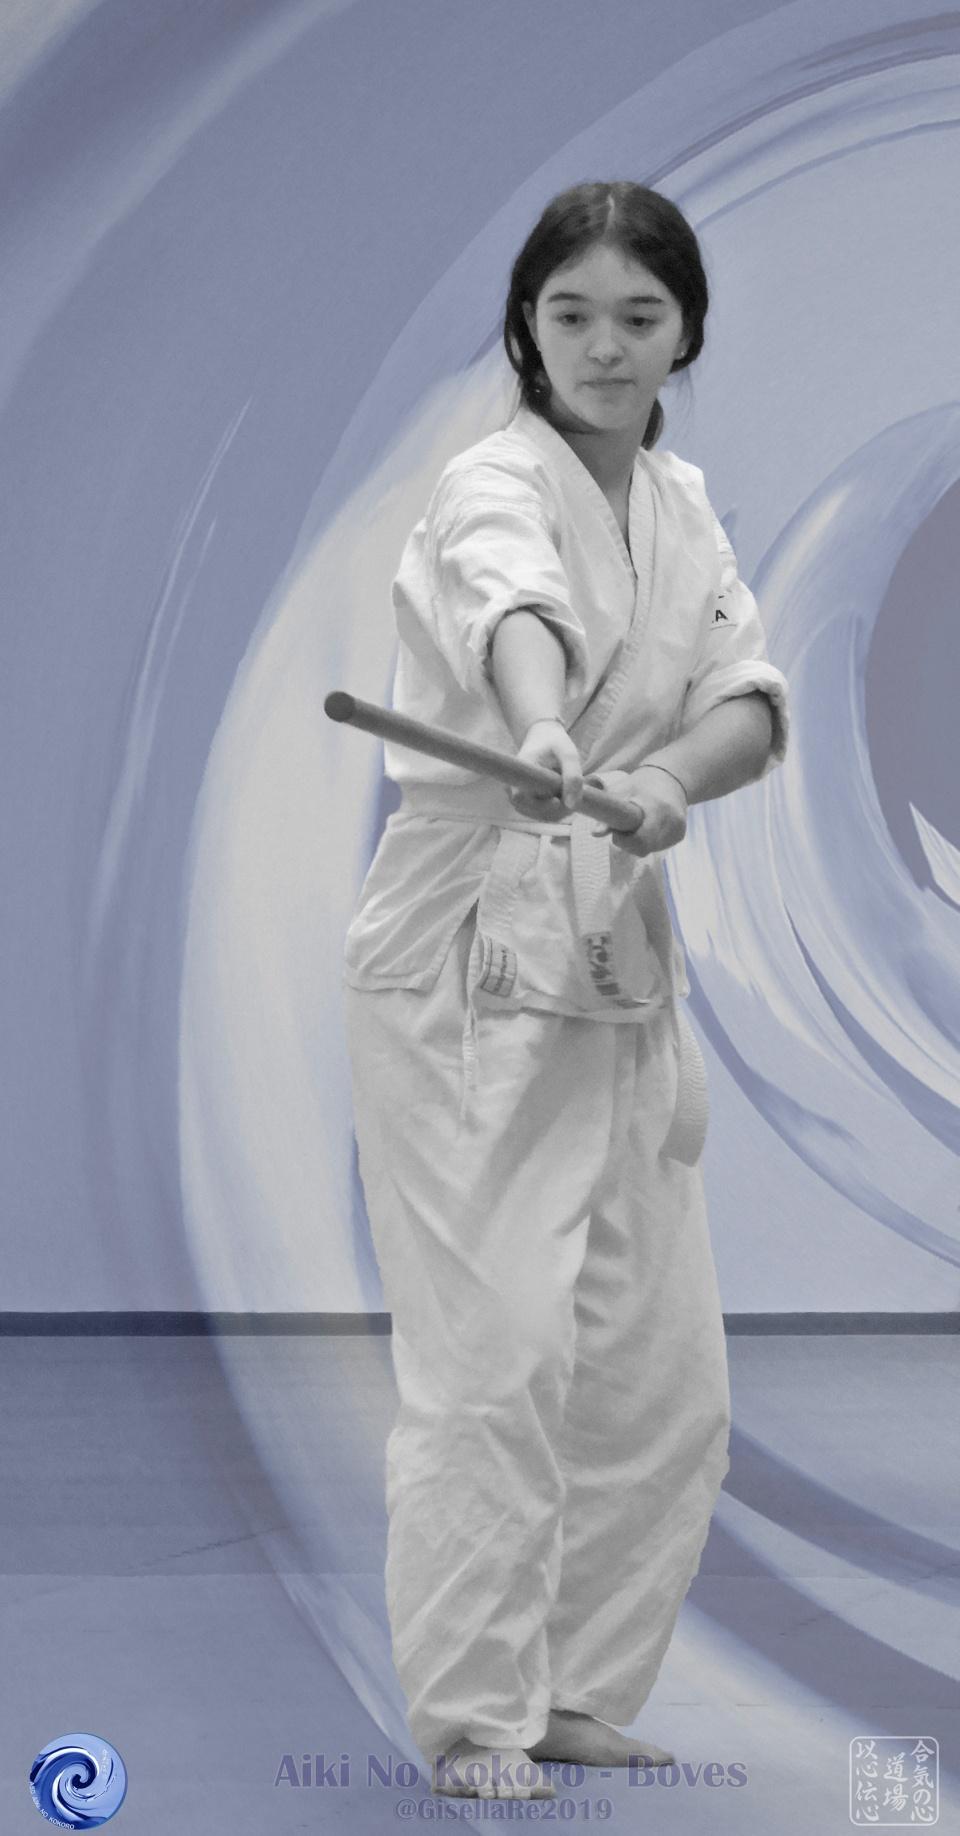 Kimochi No Keiko - Il seme dell'Aikido